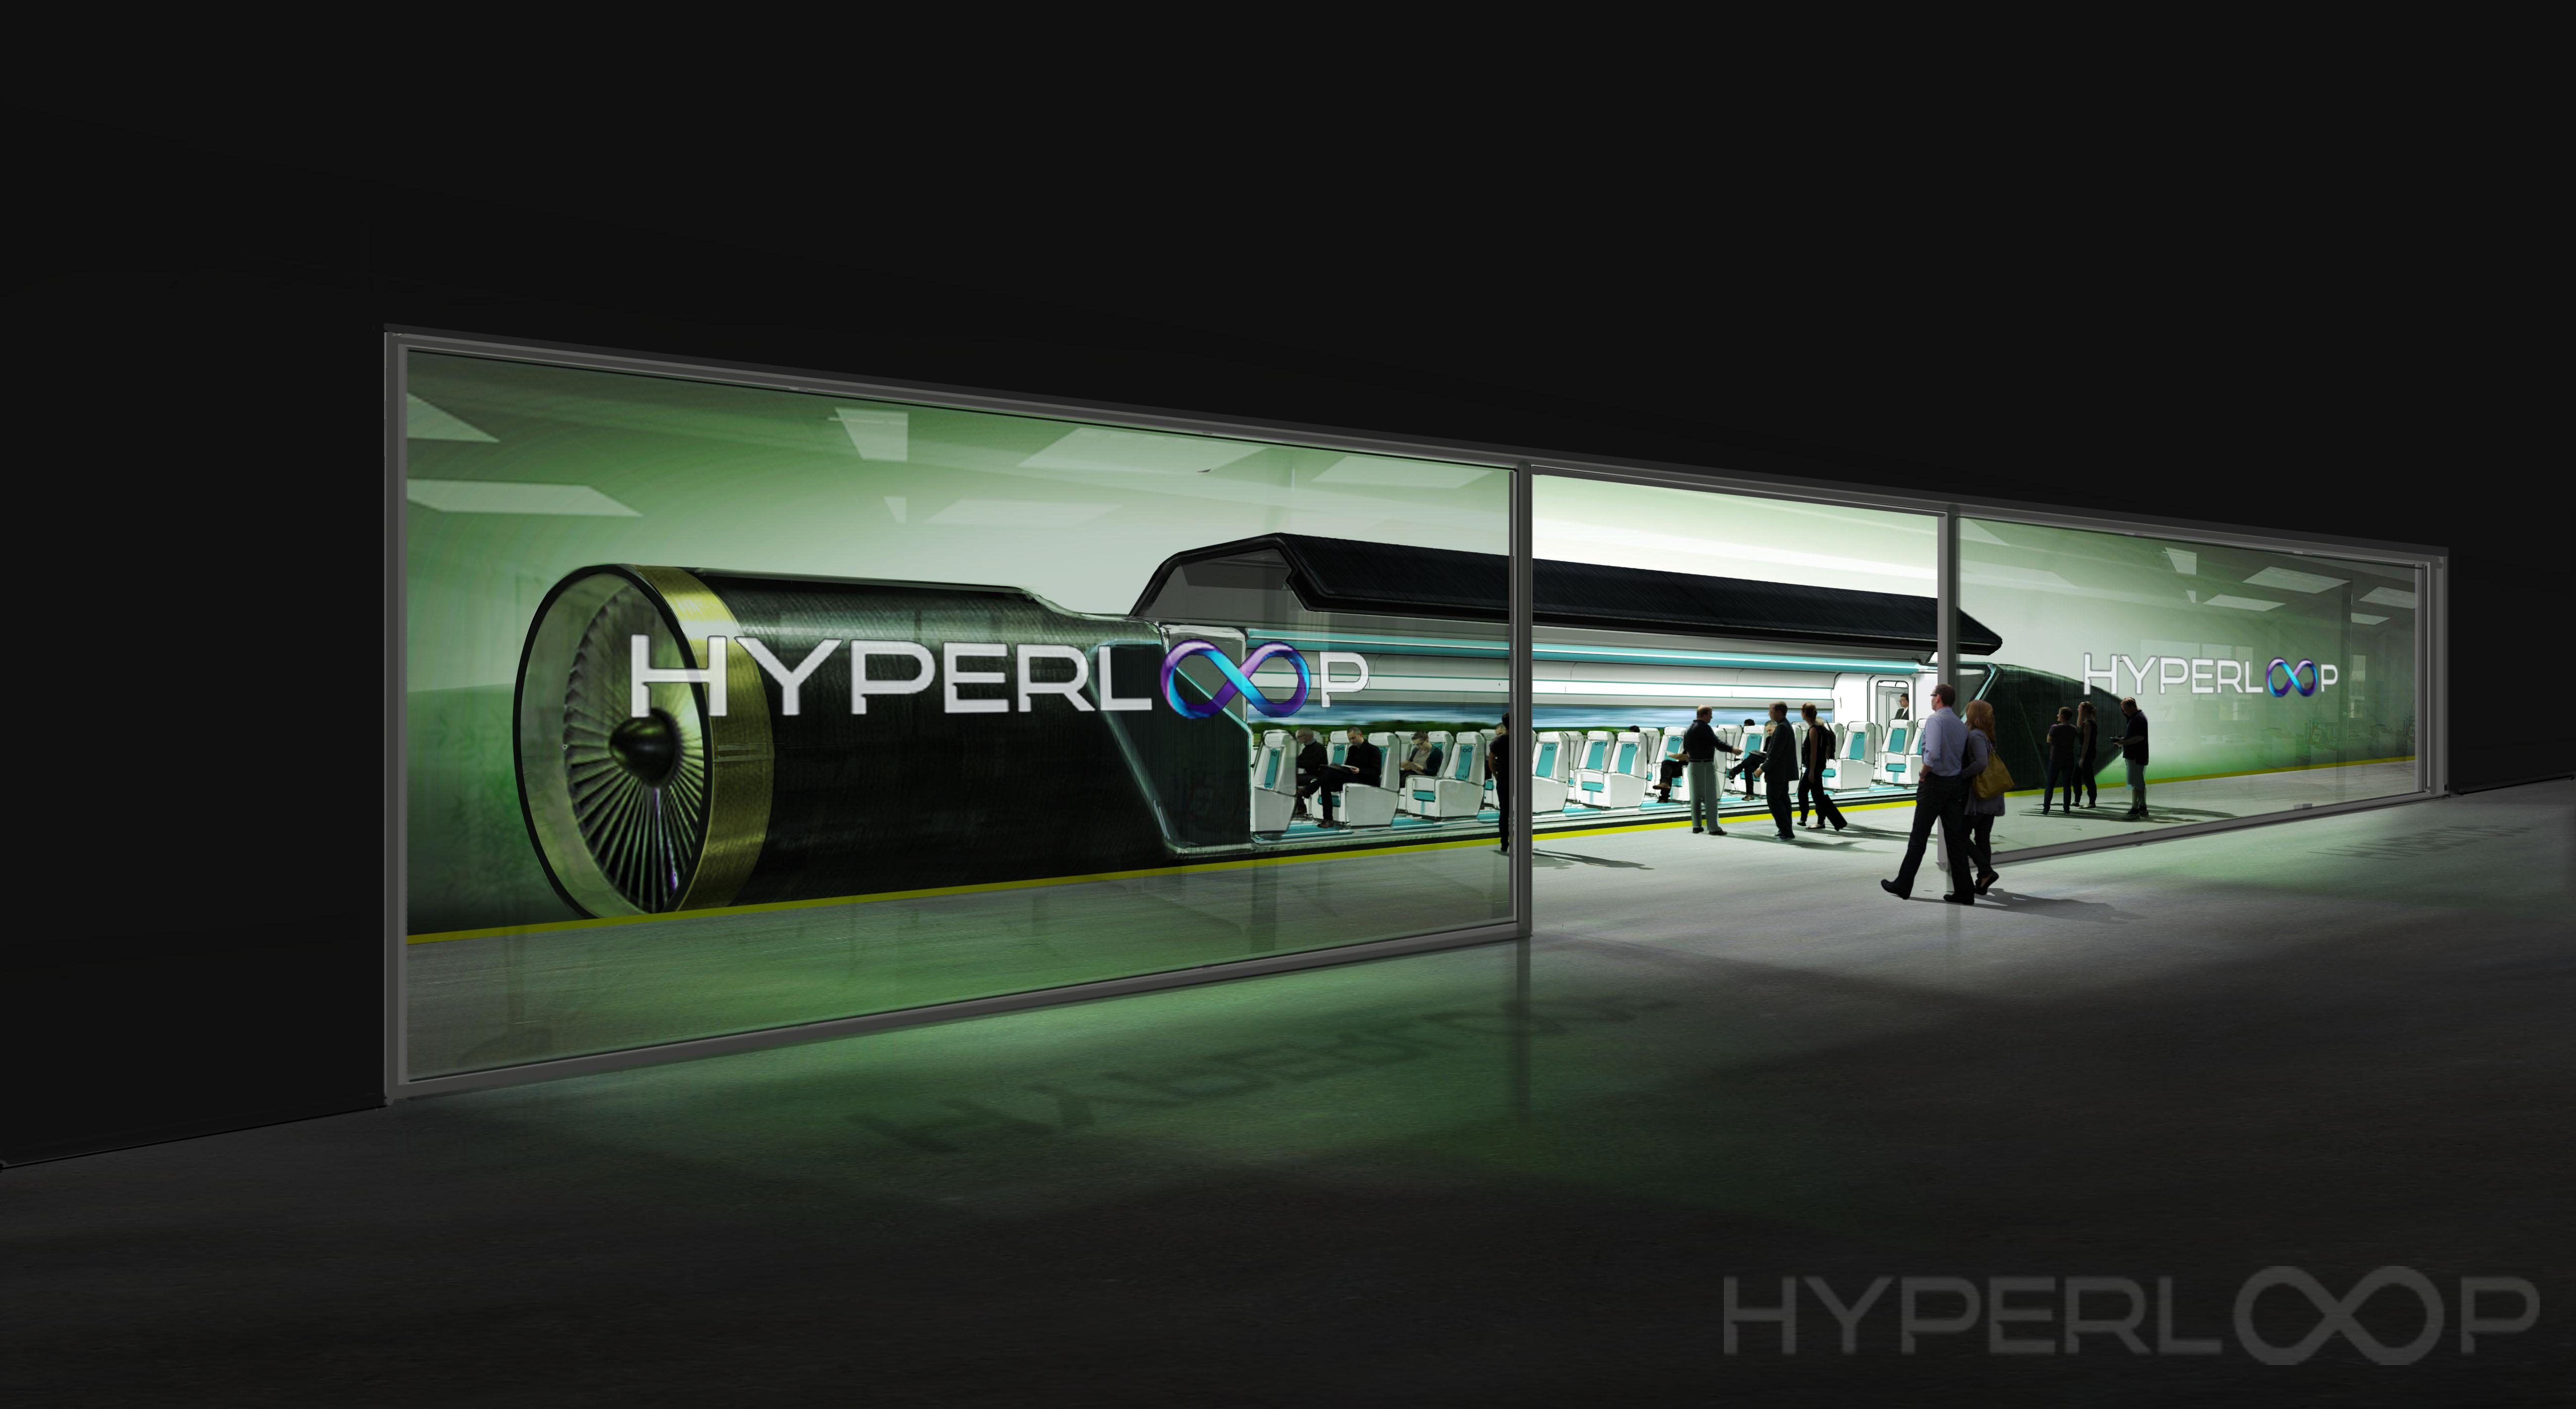 Hyperloop etenee Suomessa: Salossa selvitetään nyt testiradan rakentamisen edellytyksiä ja mukana rahoittajana on myös Tekes. (Kuva: HyperloopOne)